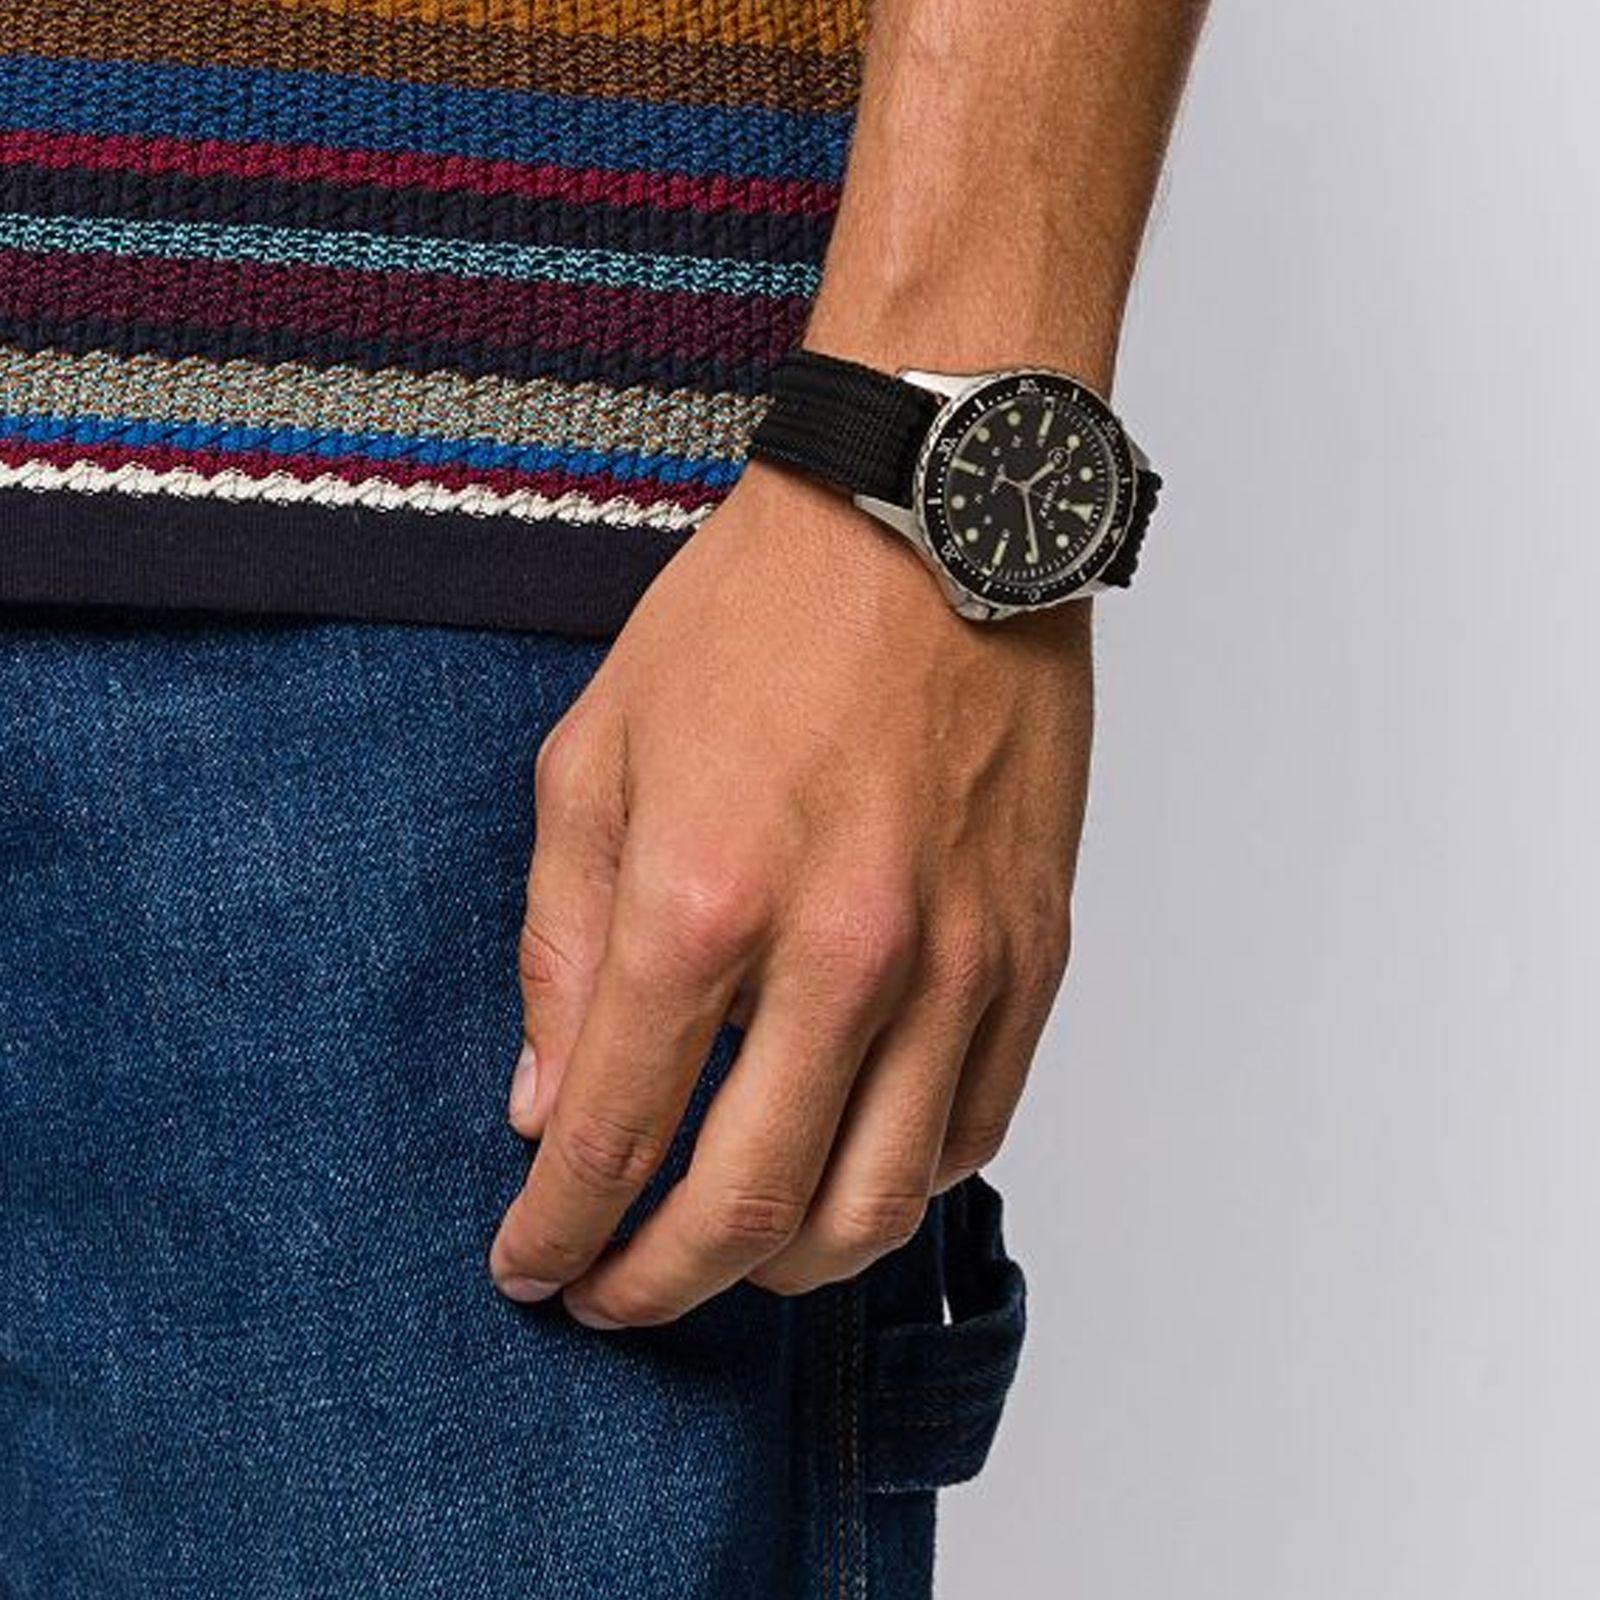 ساعت مچی عقربه ای مردانه تایمکس مدل TW2T75600 -  - 3